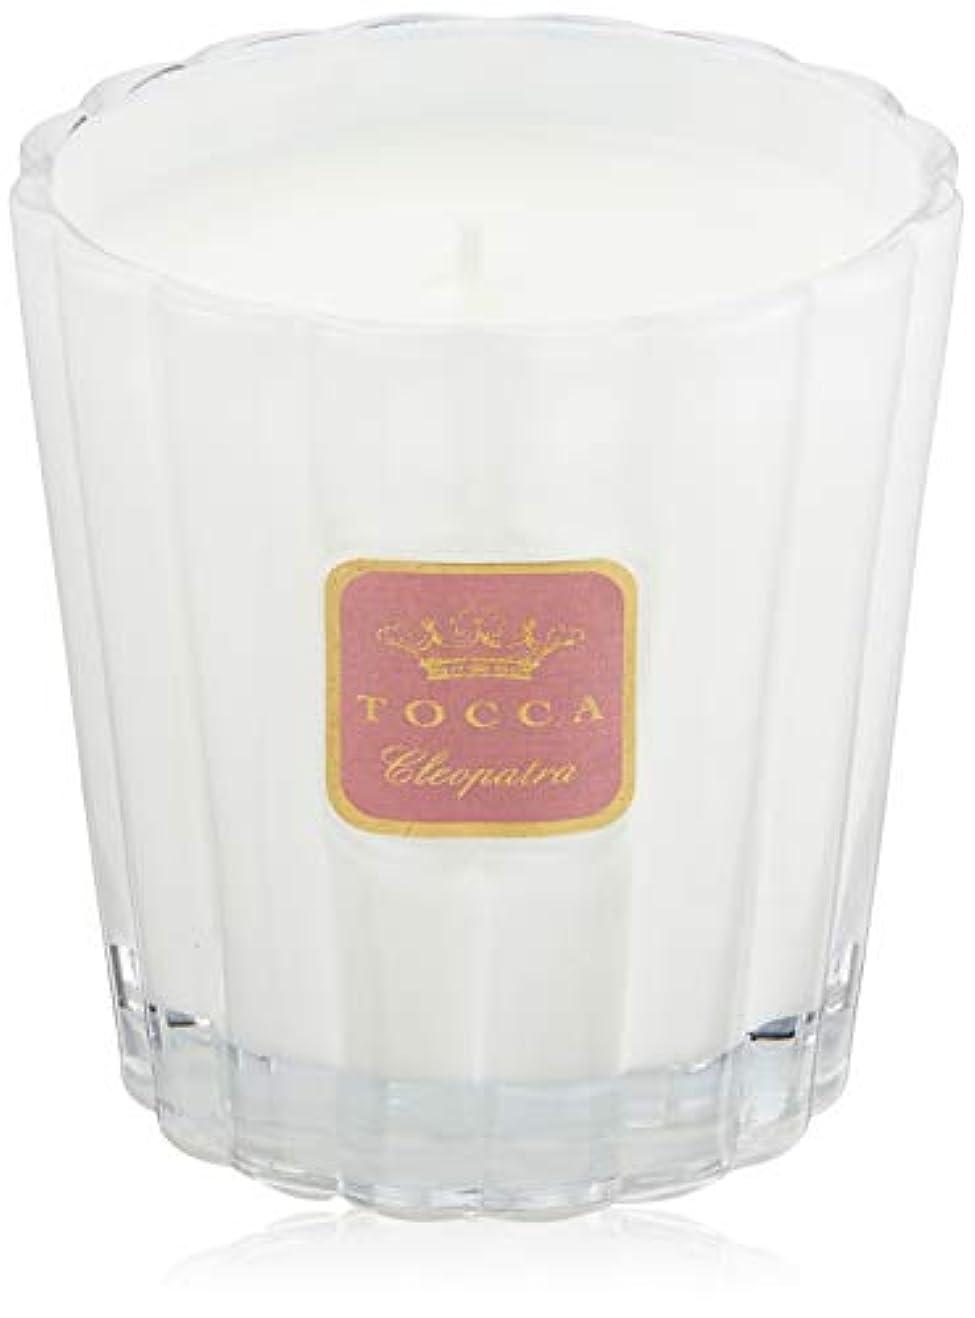 中毒中央値慎重トッカ(TOCCA) キャンドル クレオパトラの香り 約287g (ろうそく フレッシュでクリーンな香り)